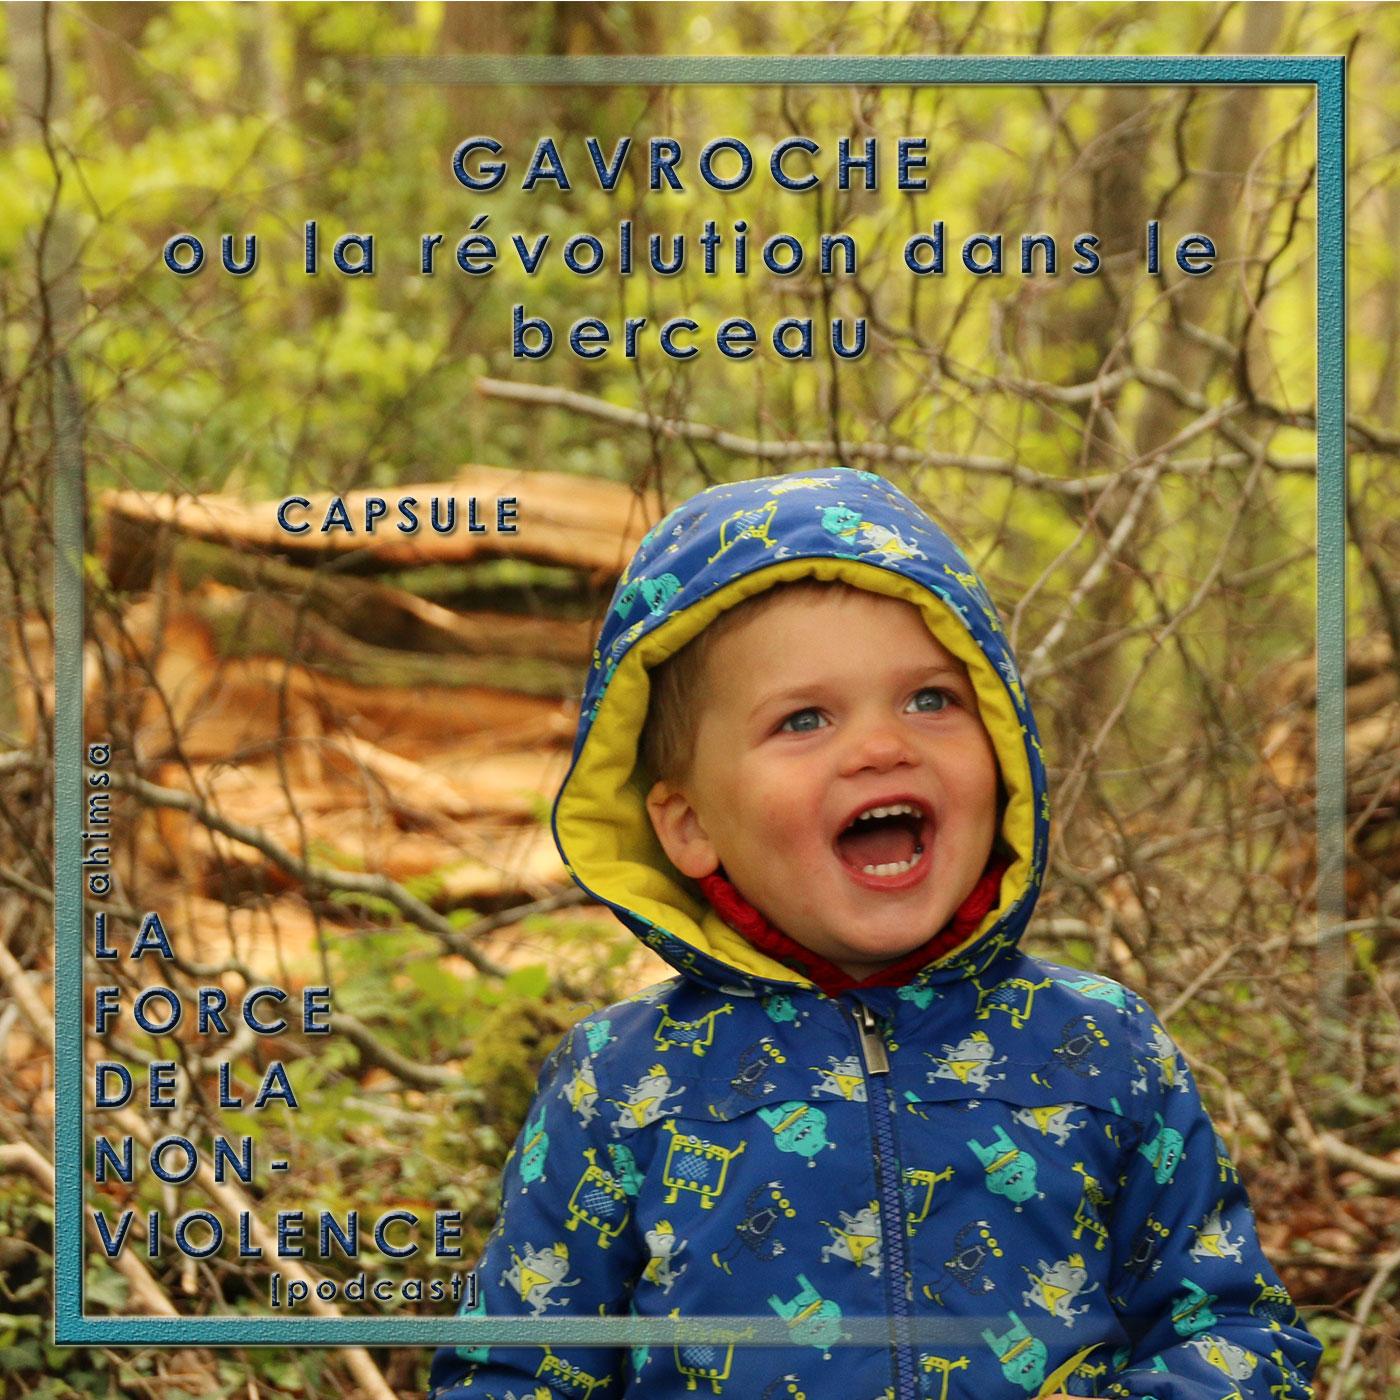 Capsule sonore - Gavroche ou la révolution dans le berceau - podcast - La Force de la Nonviolence - nonviolence éducative